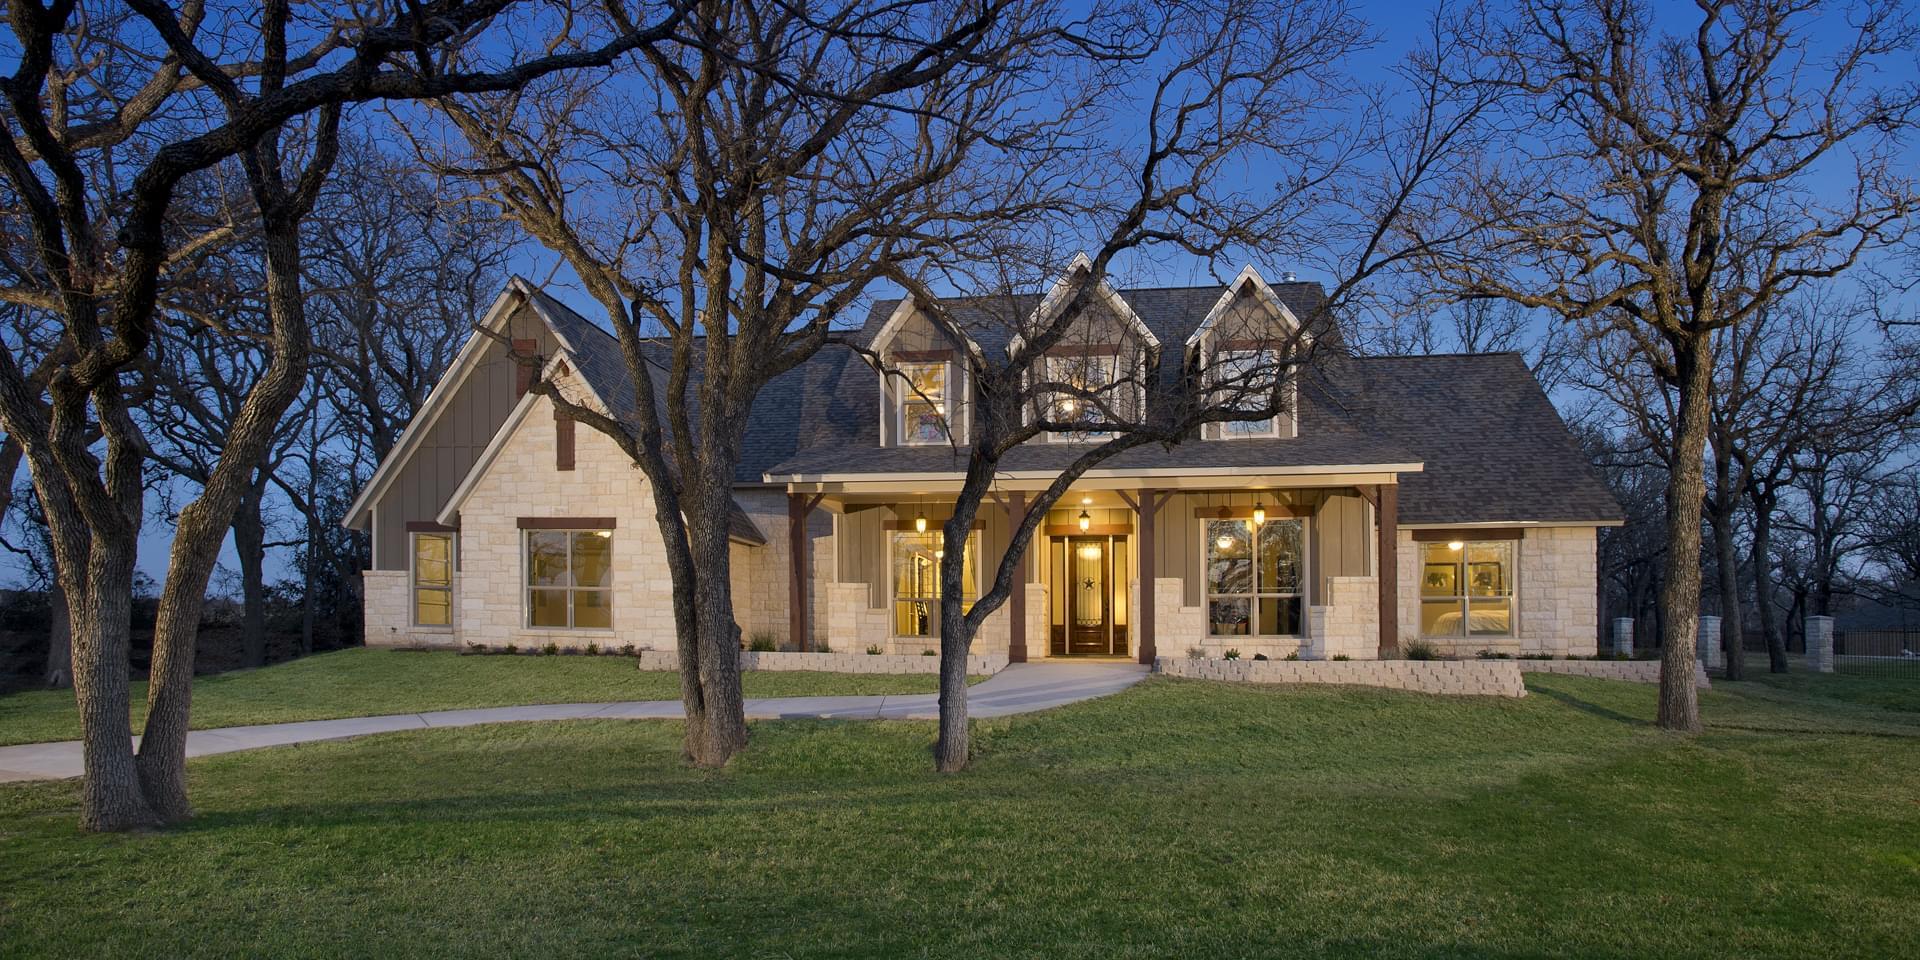 The Breckenridge Custom Home Plan from Tilson Homes